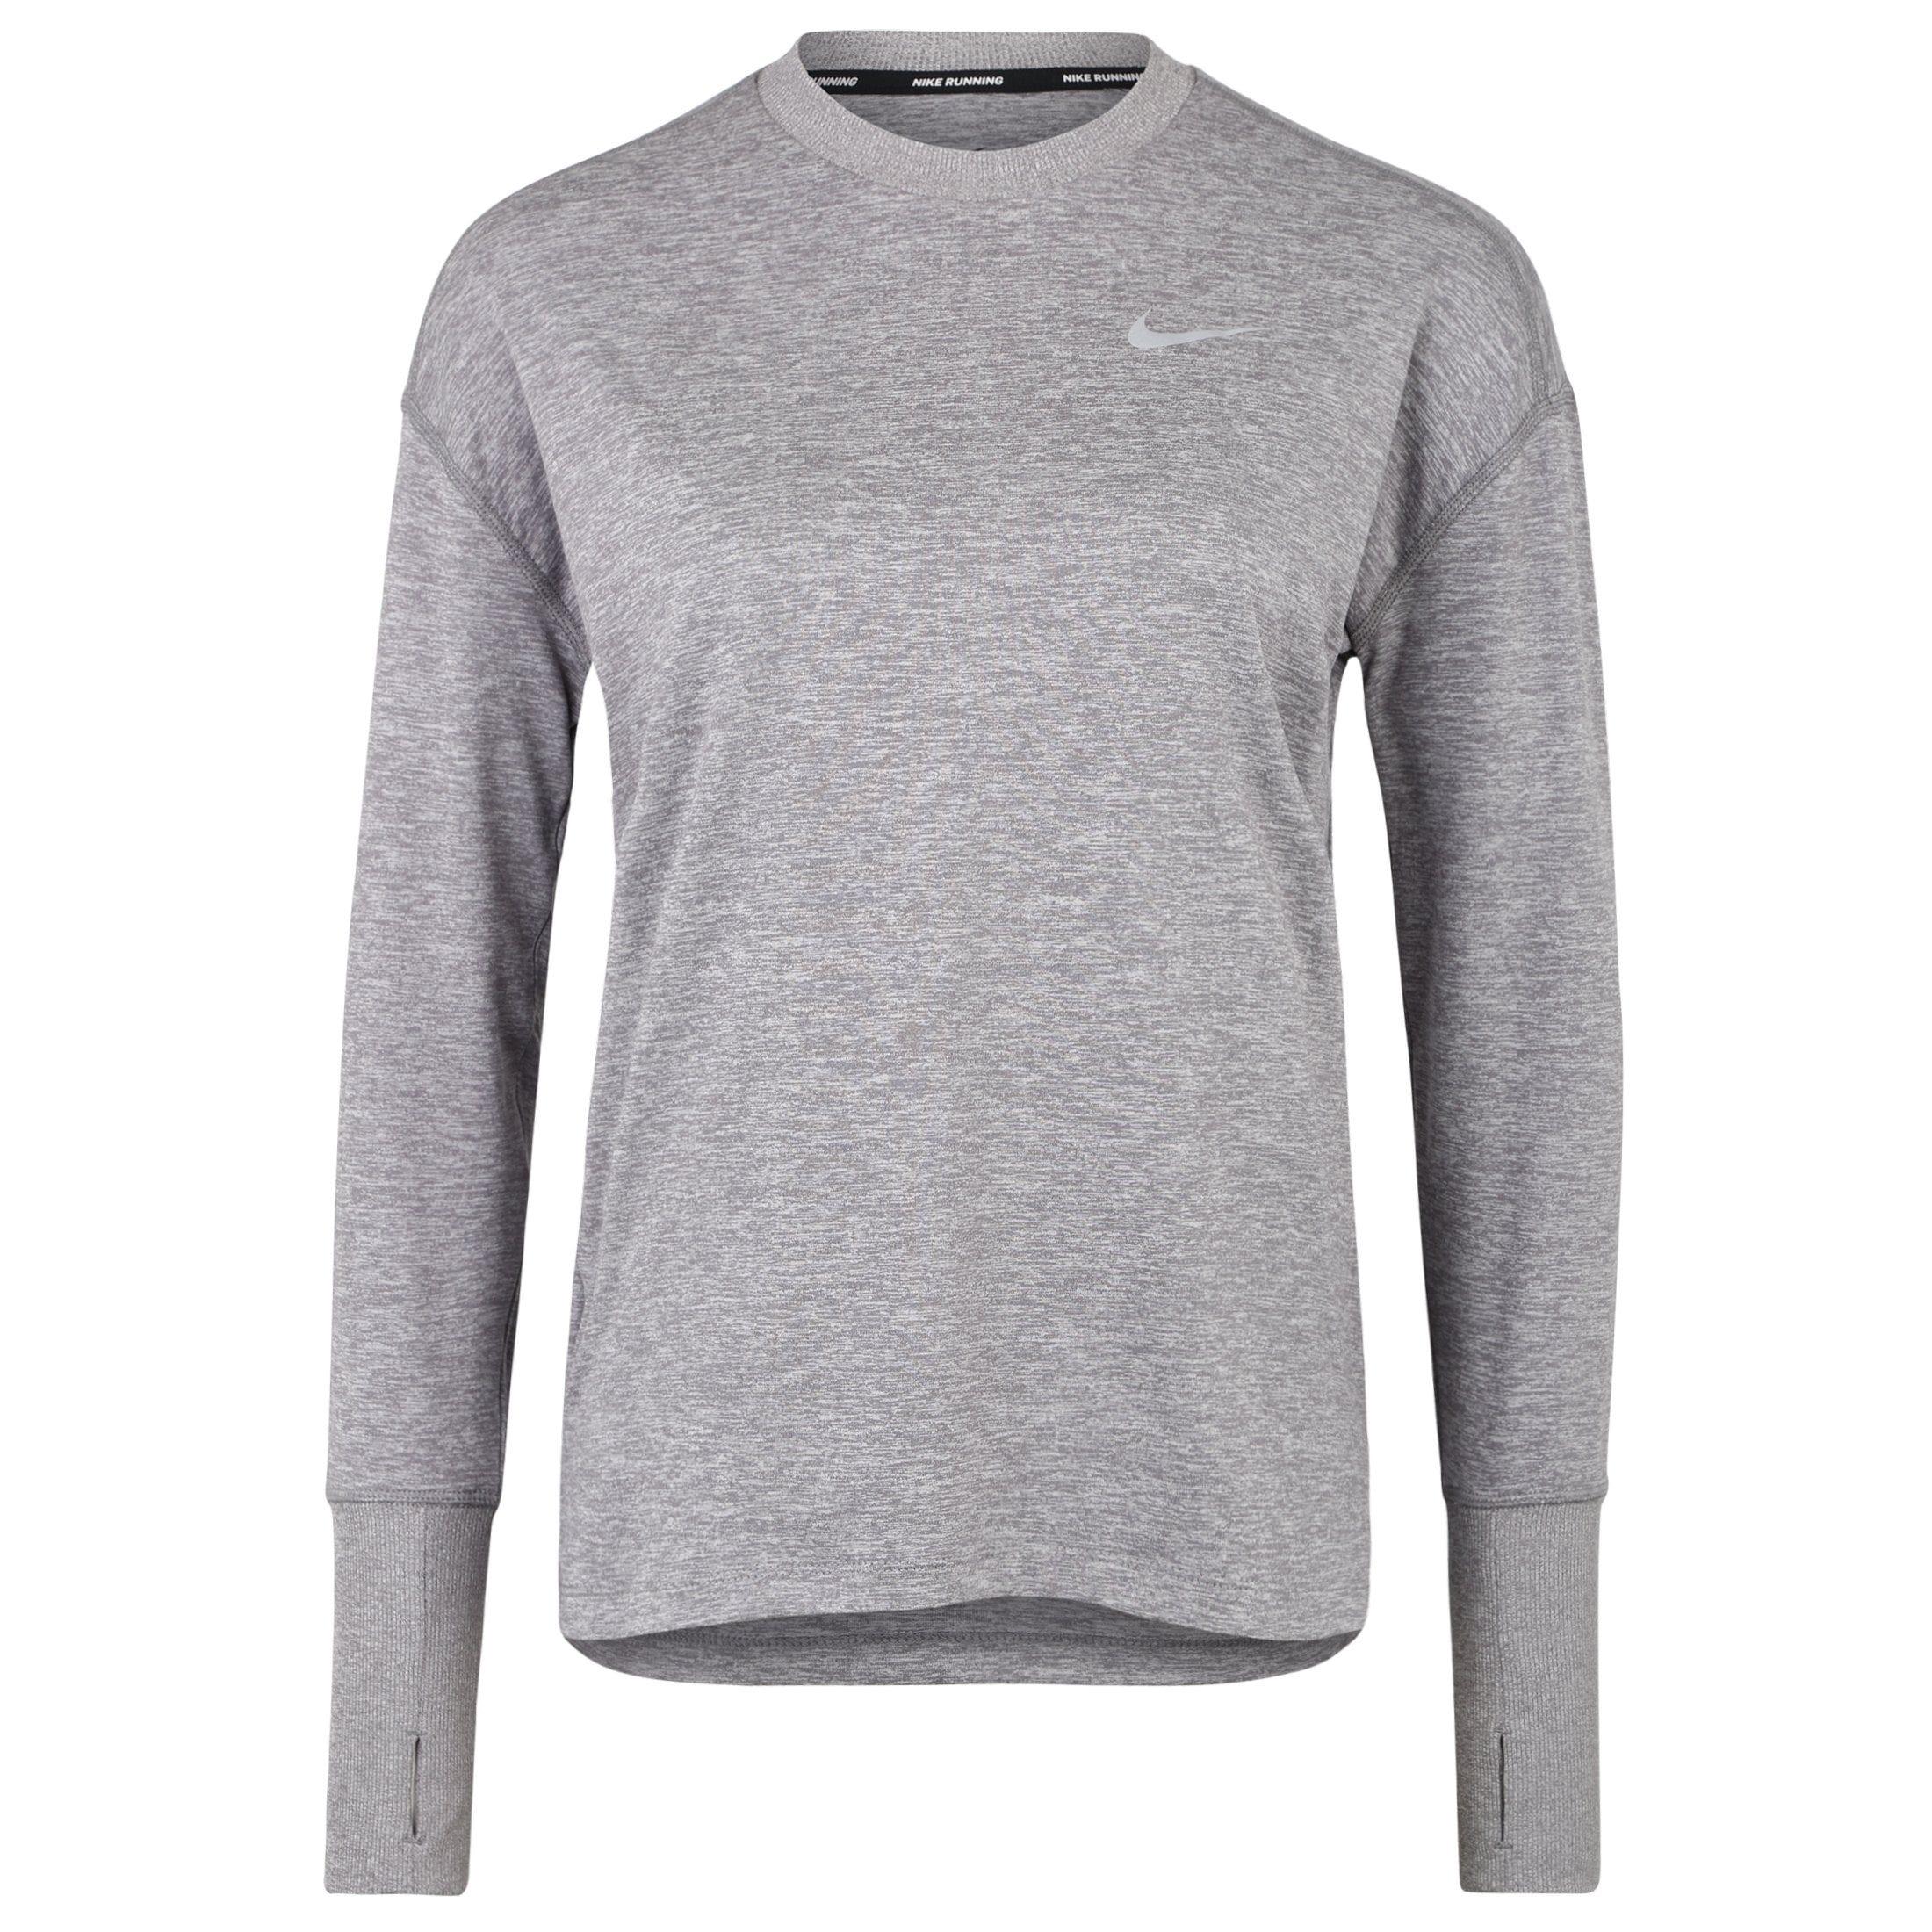 Nike Laufshirt Crew | Sportbekleidung > Sportshirts | Grau | Nike